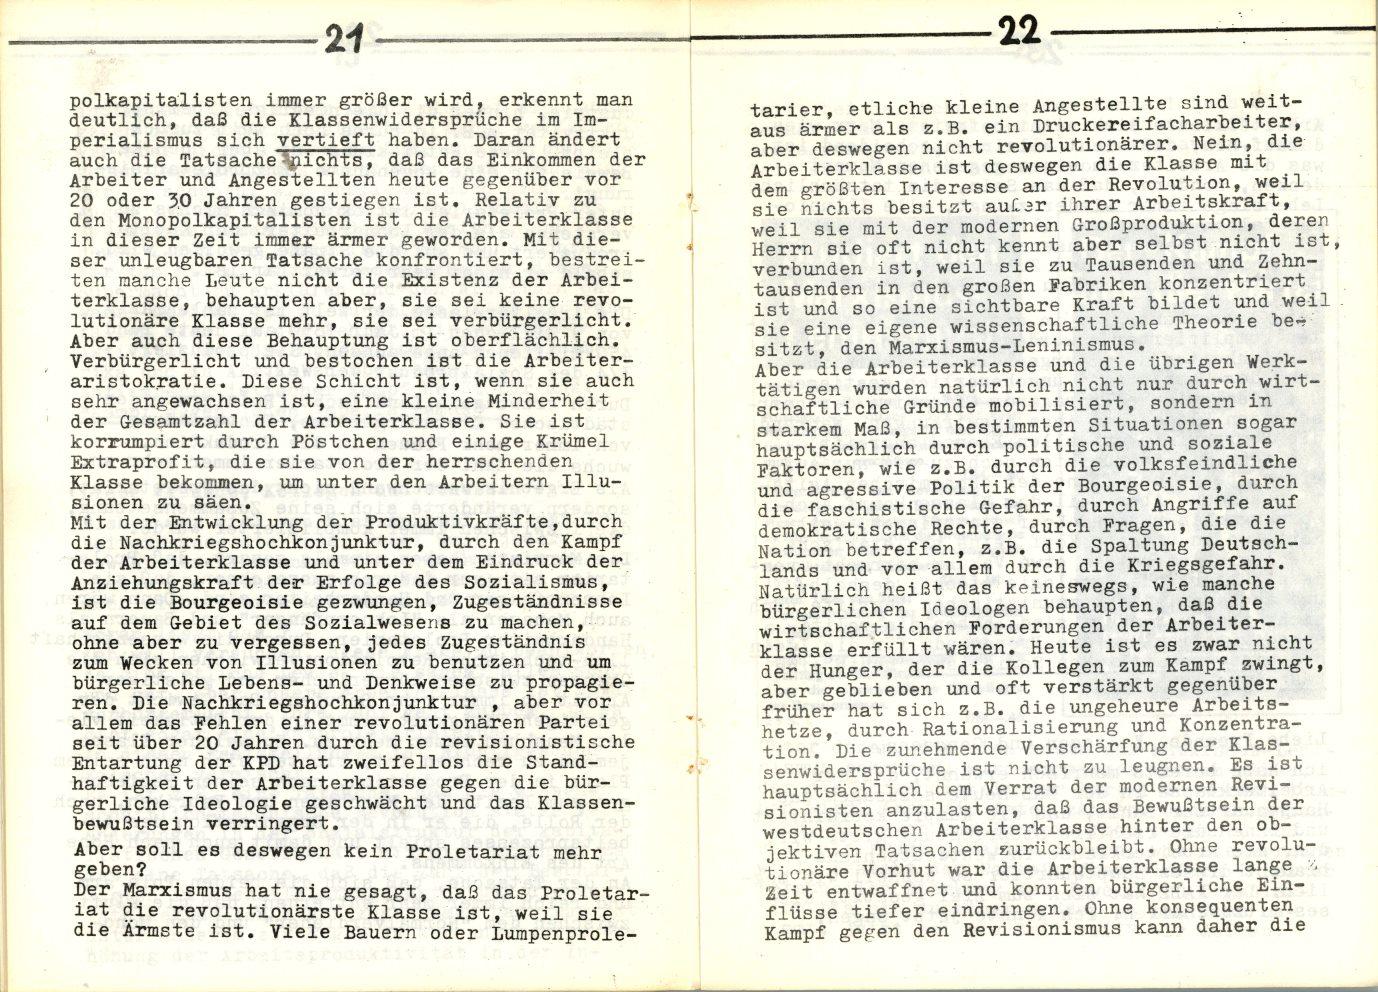 Frankfurt_KABD_zum_Ersten_Mai_1976_12